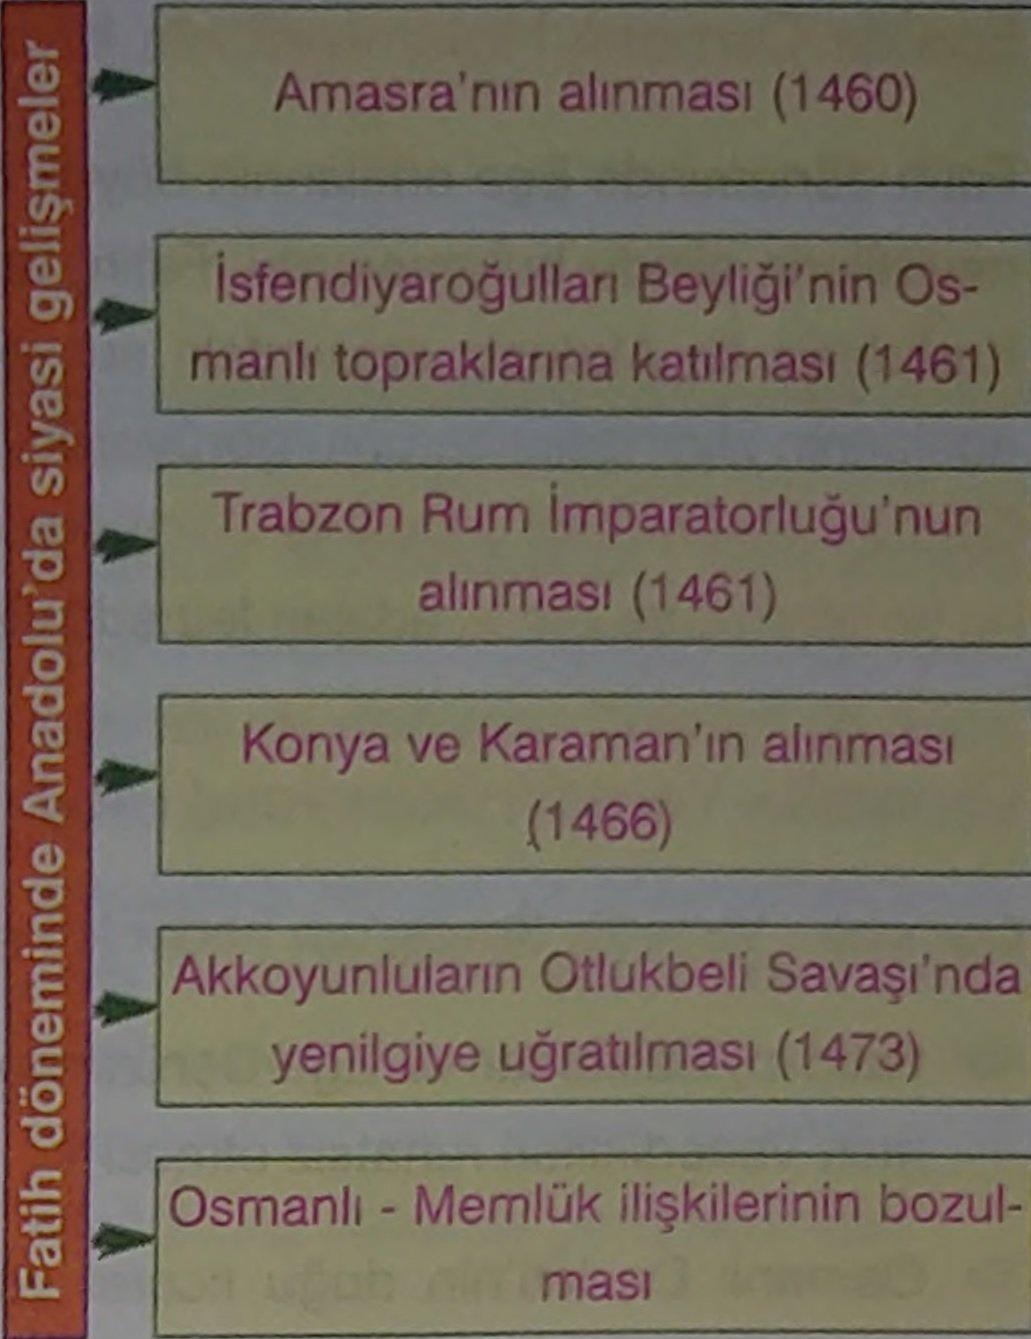 Fatih Sultan Mehmet Dönemi Savaşları Ve Gelişmeleri (Detaylı) 3 – fatih sultan mehmet döneminde anadolu da siyasi gelişmeler